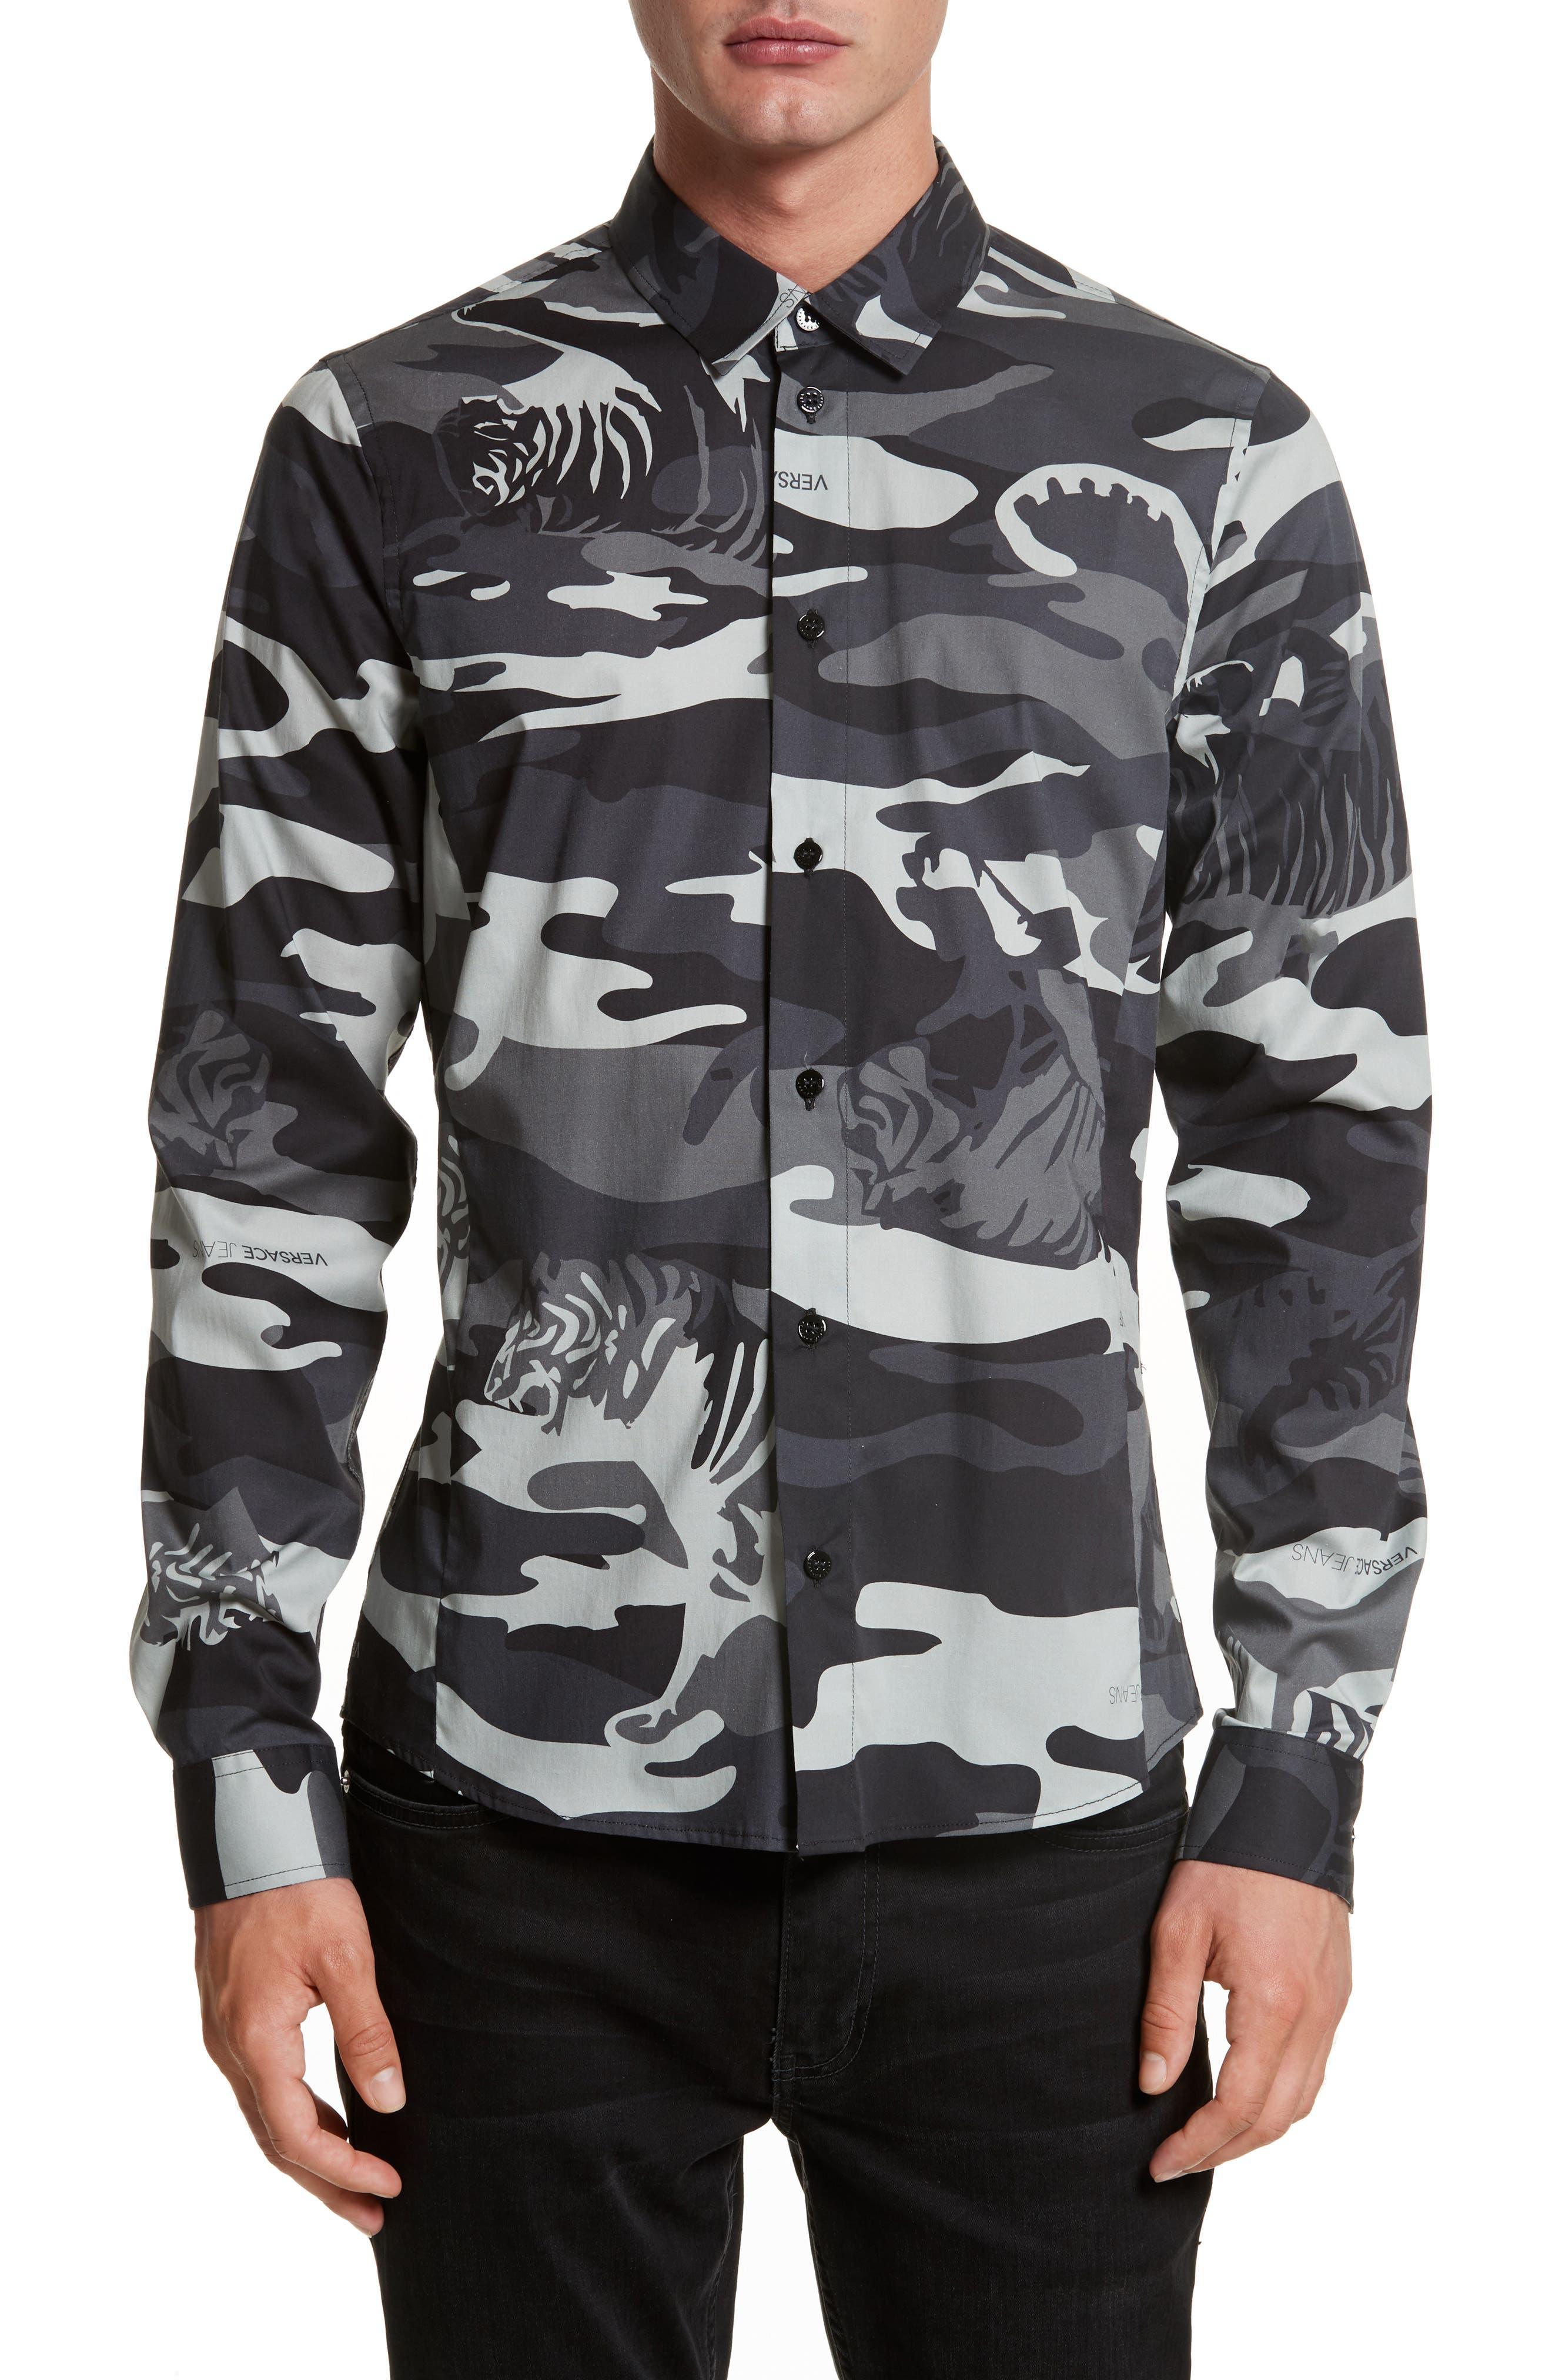 Main Image - Versace Jeans Tiger Camo Print Shirt